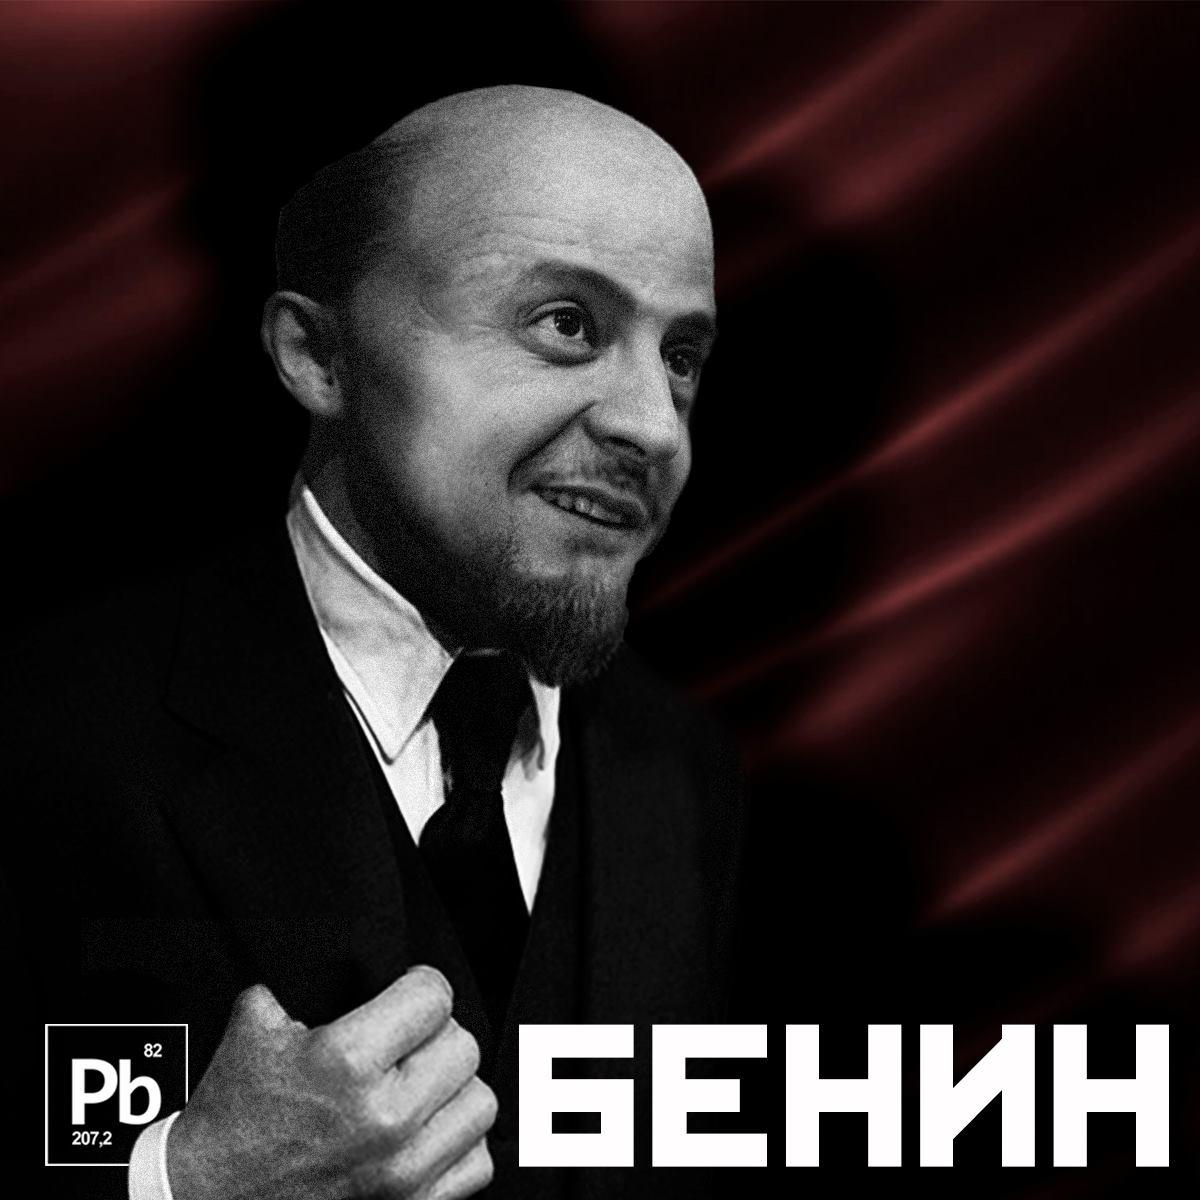 Я не буду говорить, что ставить на место снесенных ленинов. Ответ должны дать сами украинцы, - Вятрович - Цензор.НЕТ 7372